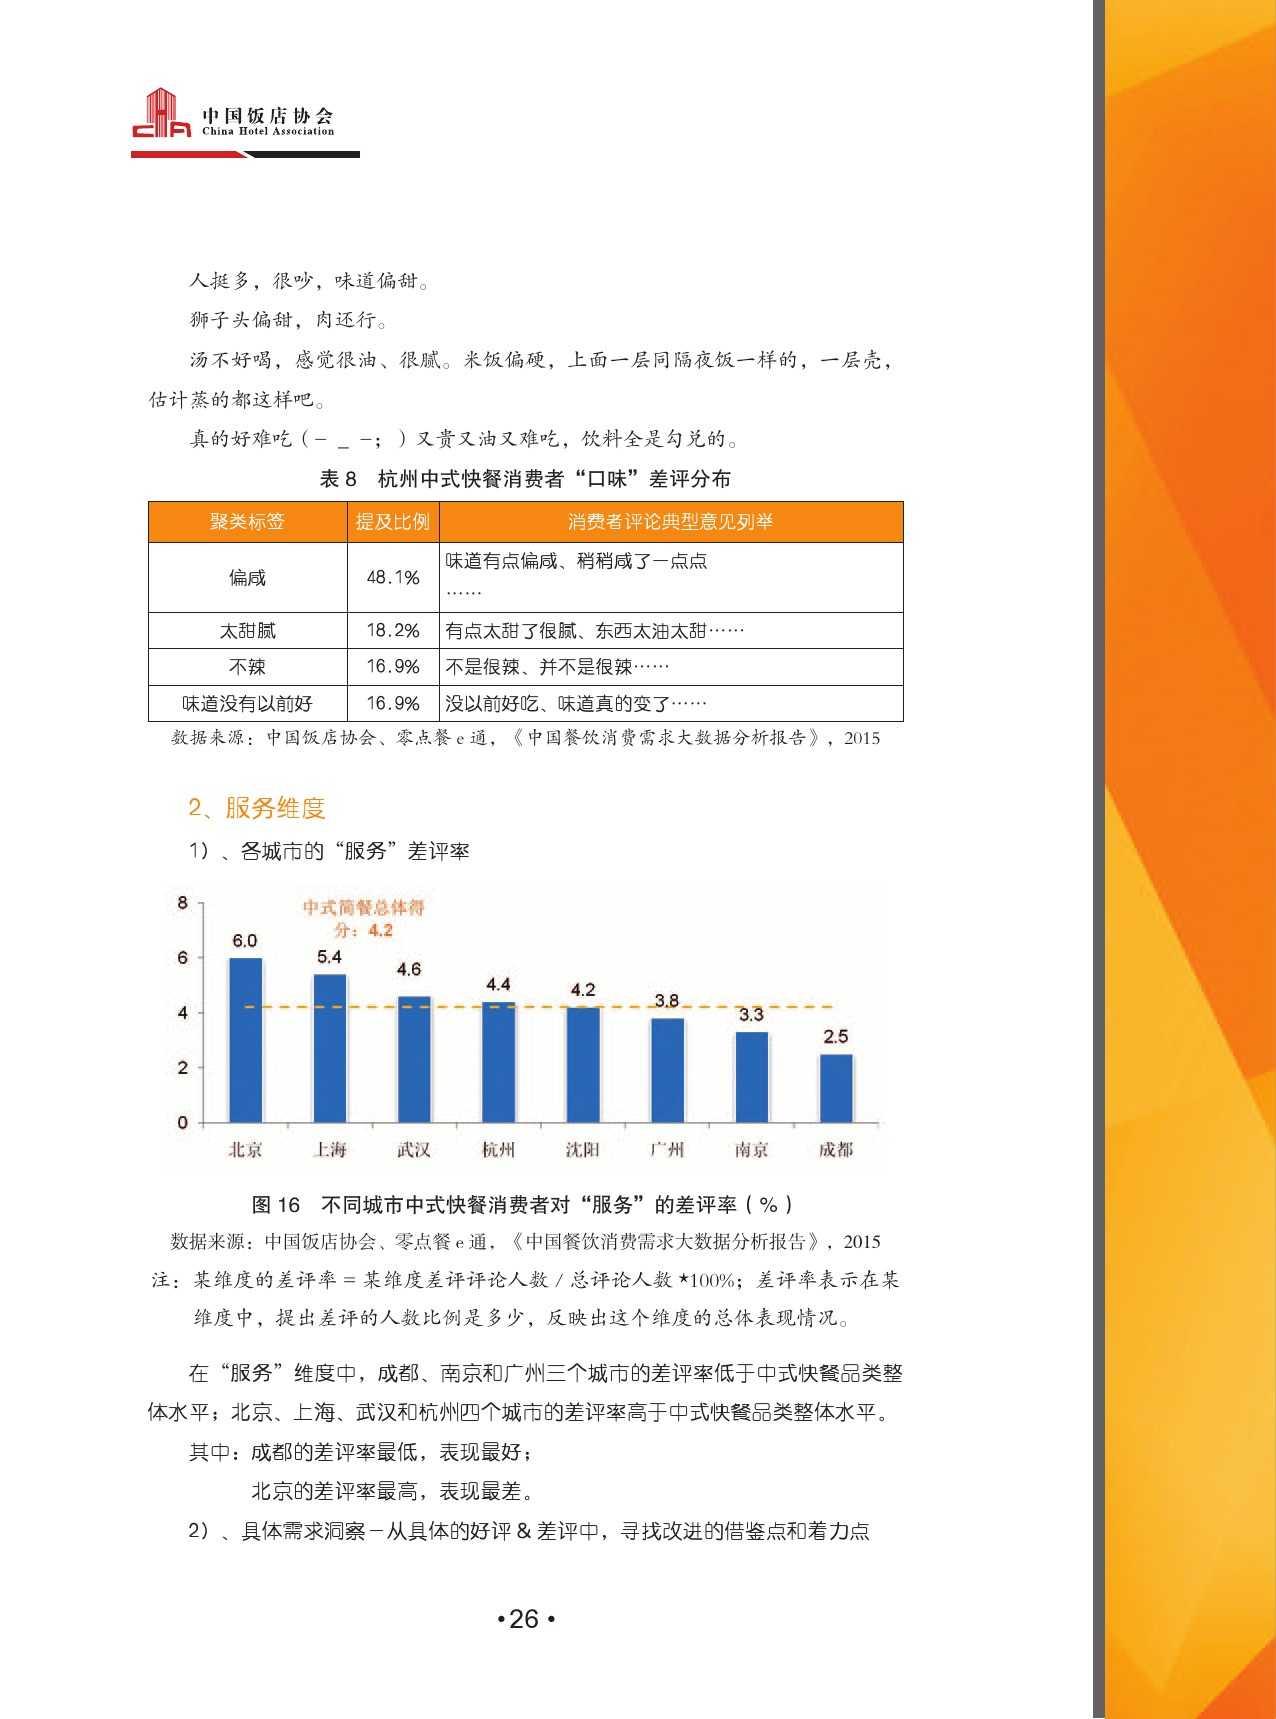 2015中国餐饮消费需求大数据分析报告_000028